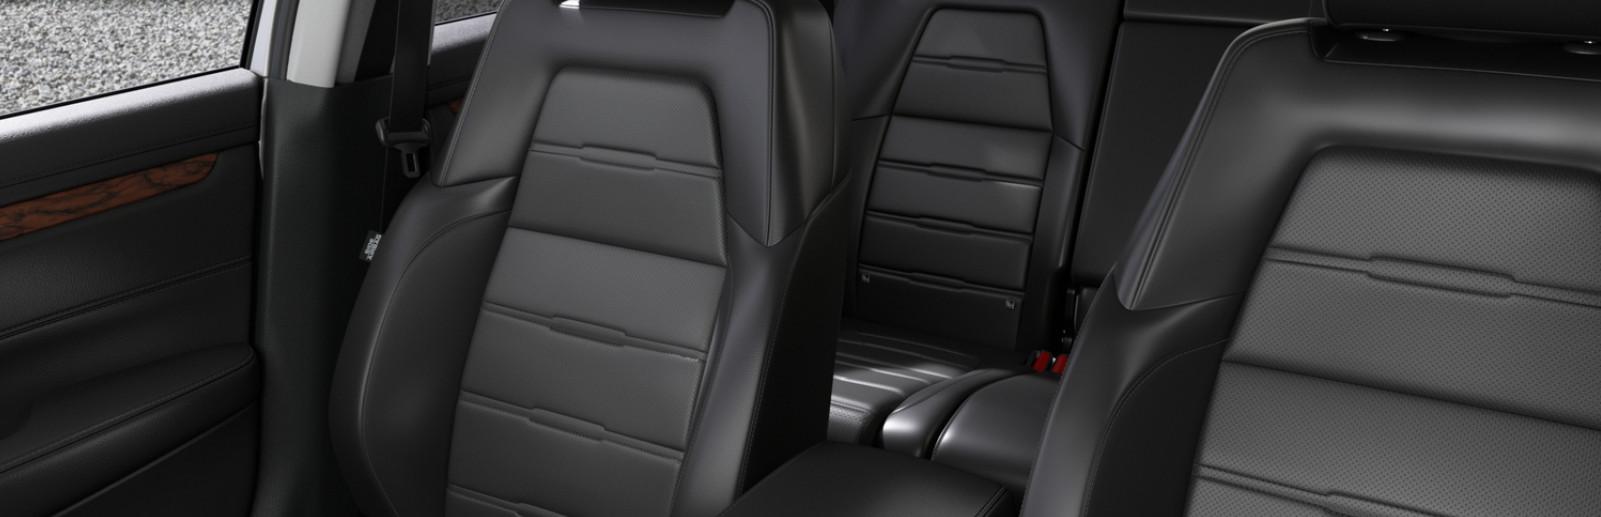 Honda-CRV-Leasen-4